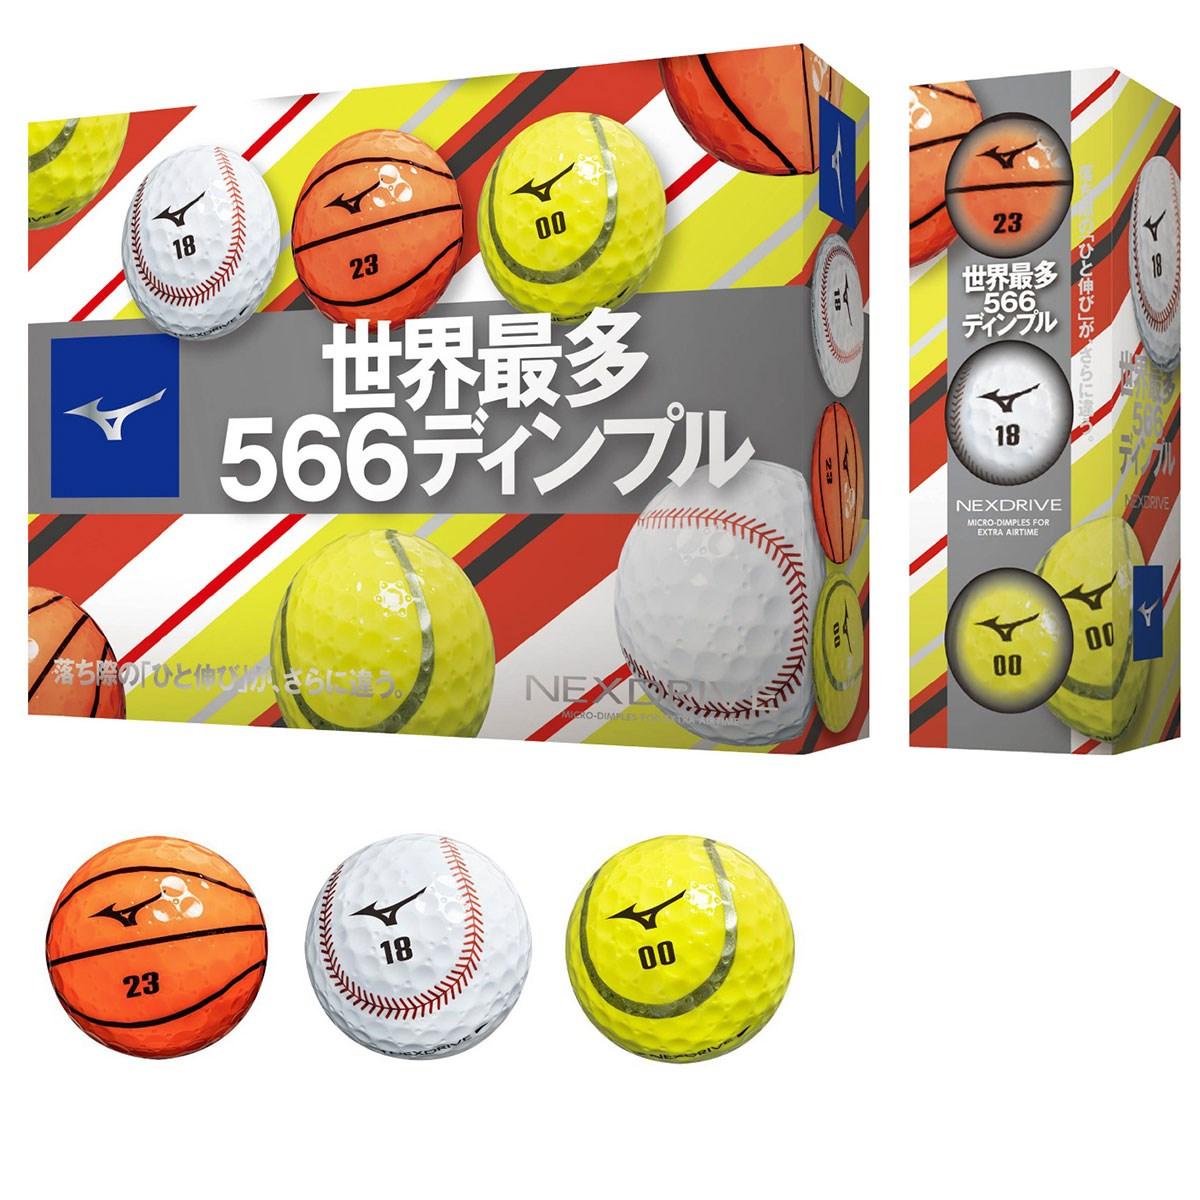 ミズノ MIZUNO ネクスドライブ スポーツボール 1ダース(12個入り) マルチ